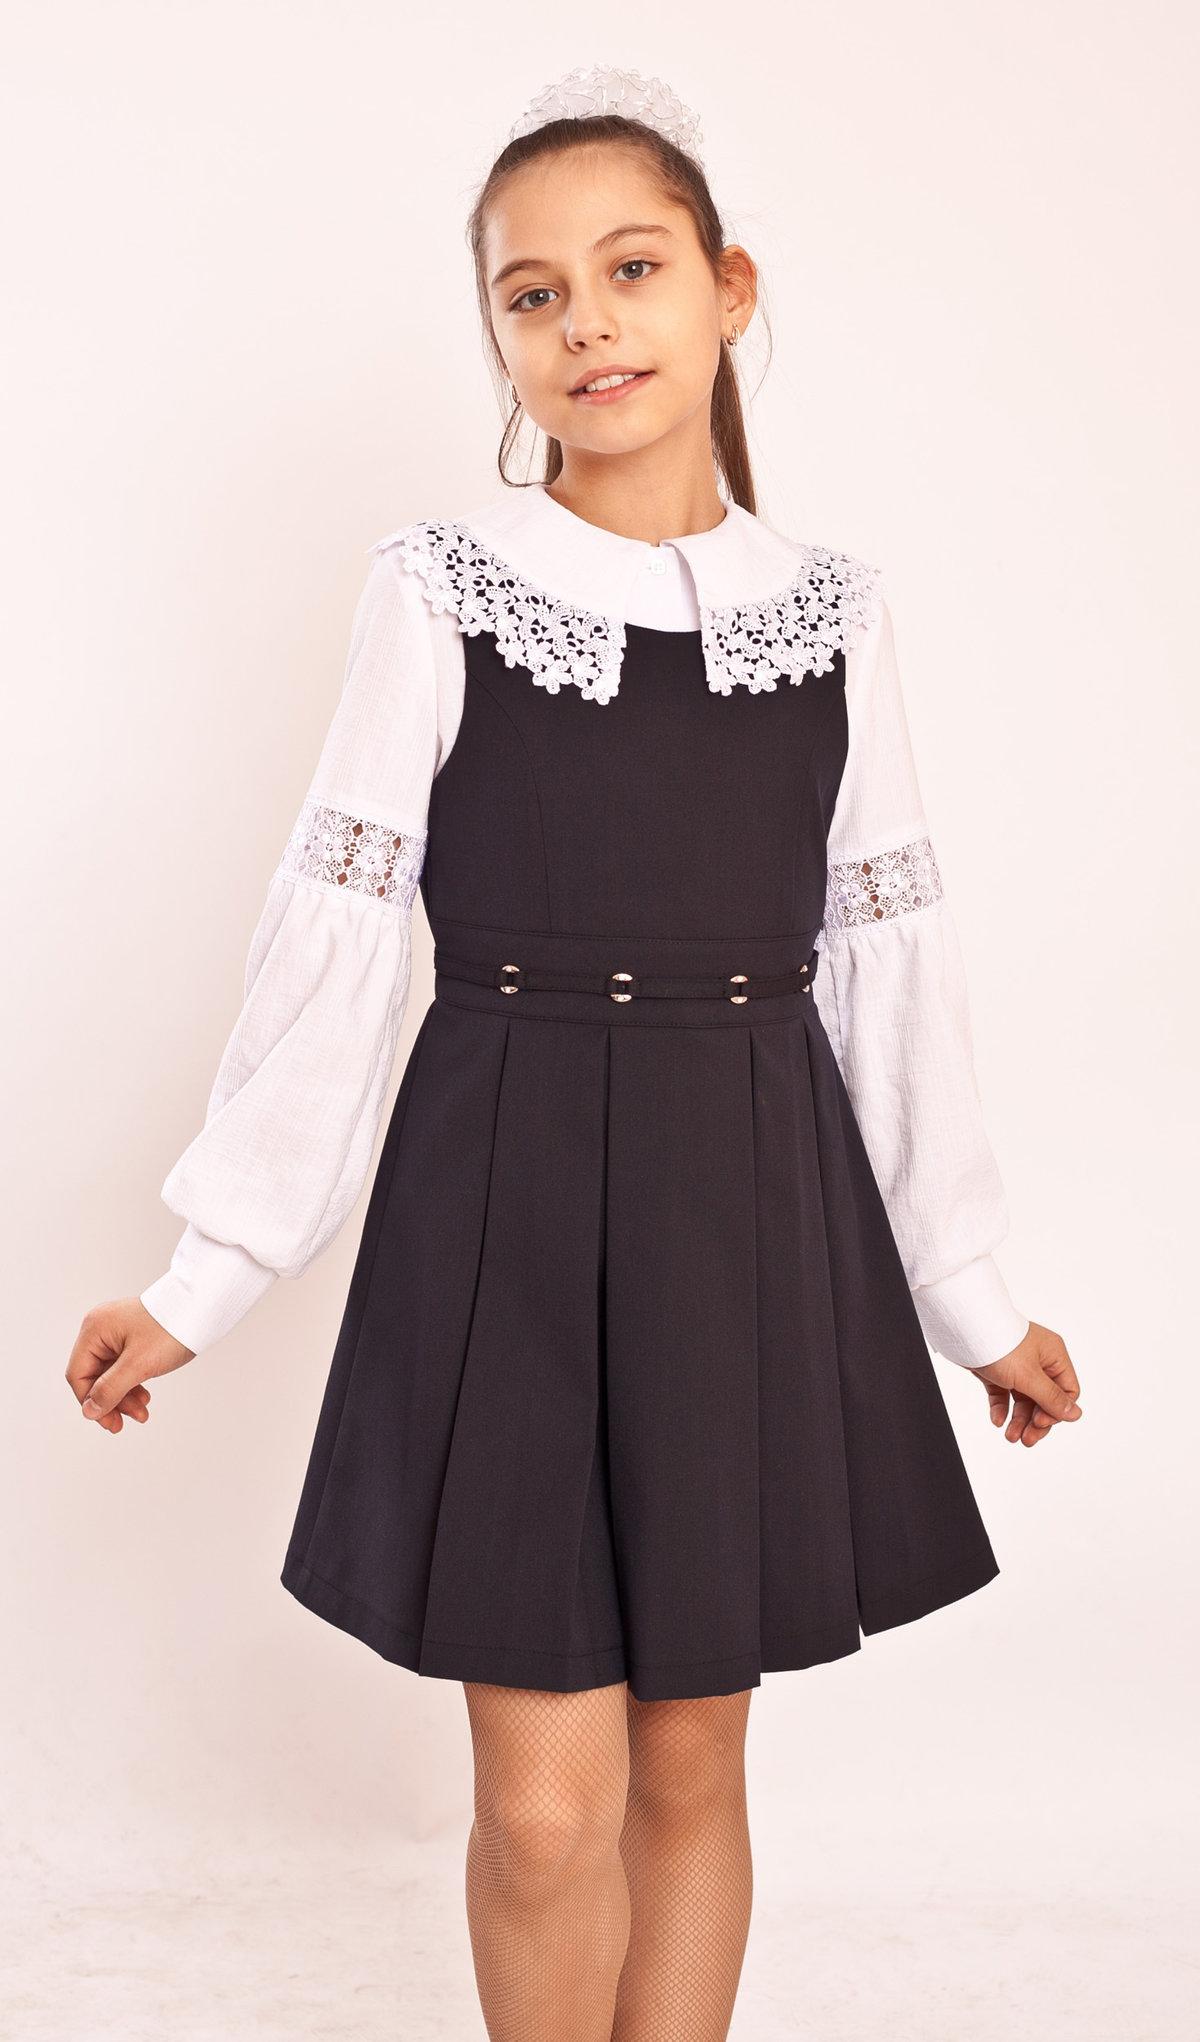 Как сшить школьную форму платье для девочек фото